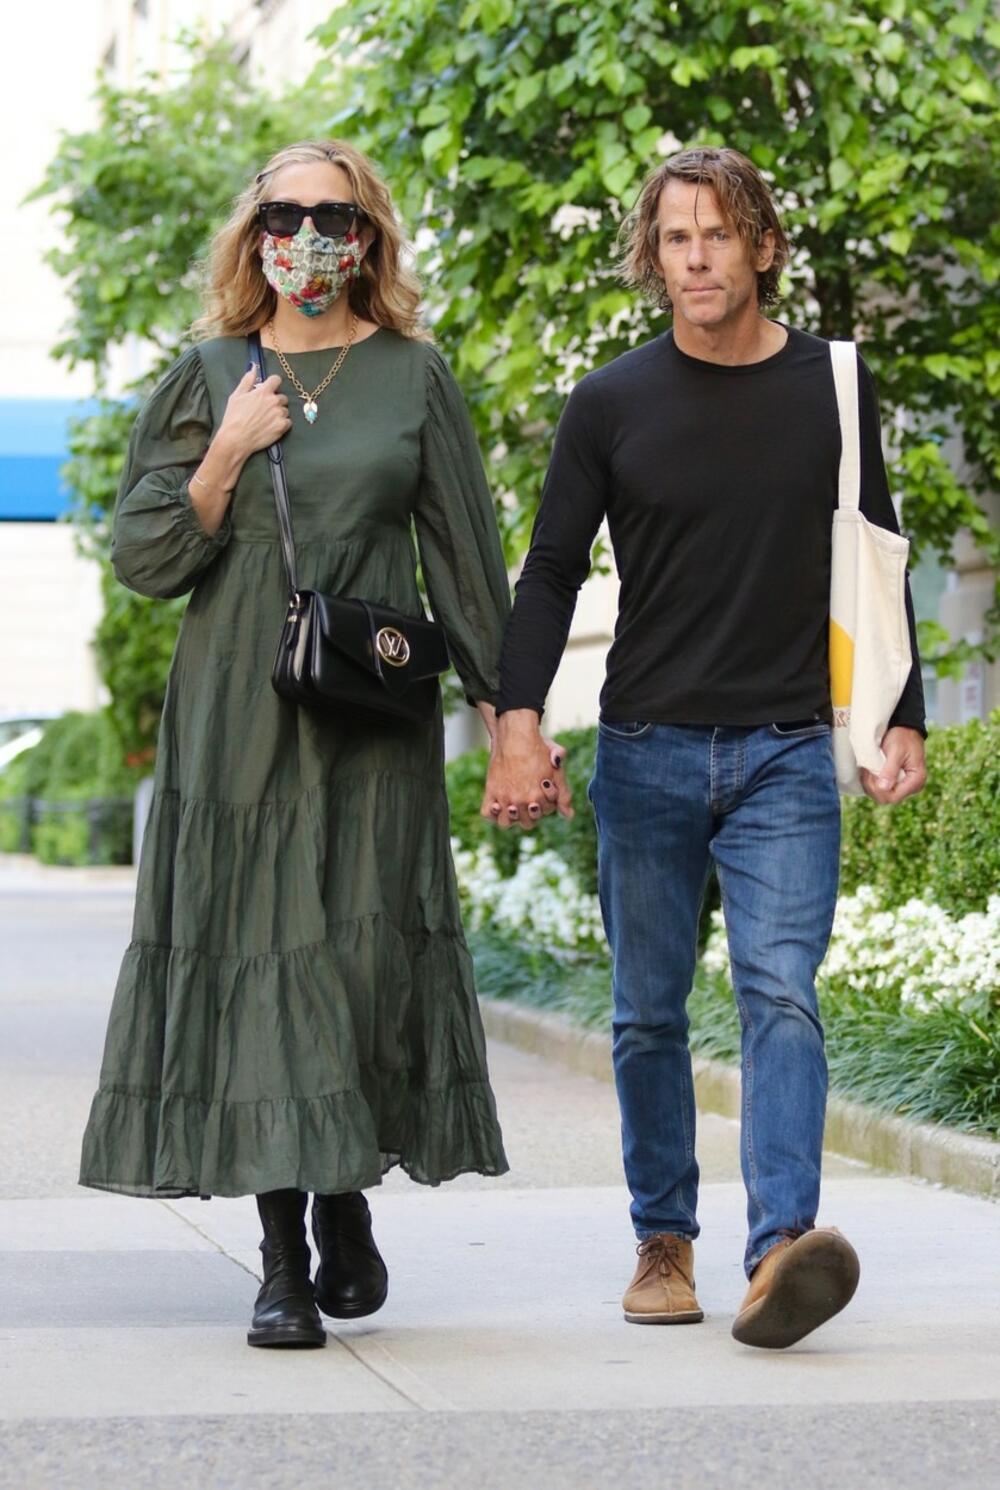 <p>Mada i dalje traju avgustovski dani, Džulija Roberts je u Njujorku viđena u pravom jesenjem stajlingu!</p>